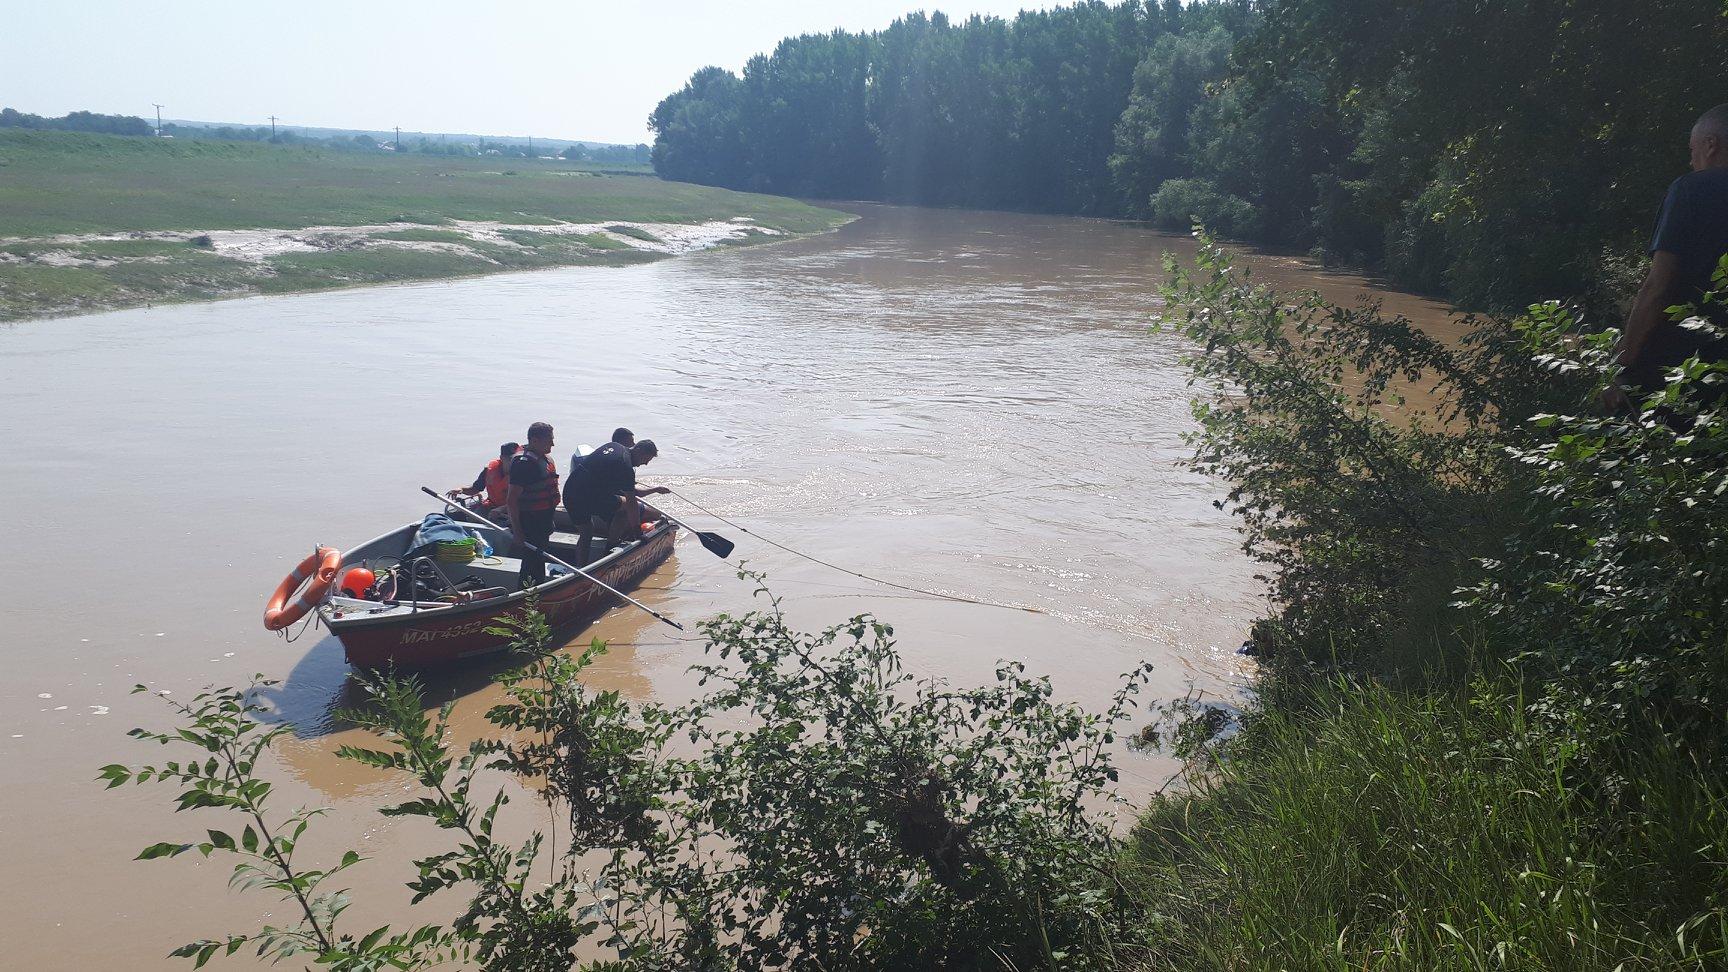 Bărbat de 26 de ani, din Târnava, căzut în râul Câlniştea. Pompierii au reluat căutările. Şanse minime ca omul să mai fie găsit în viaţă